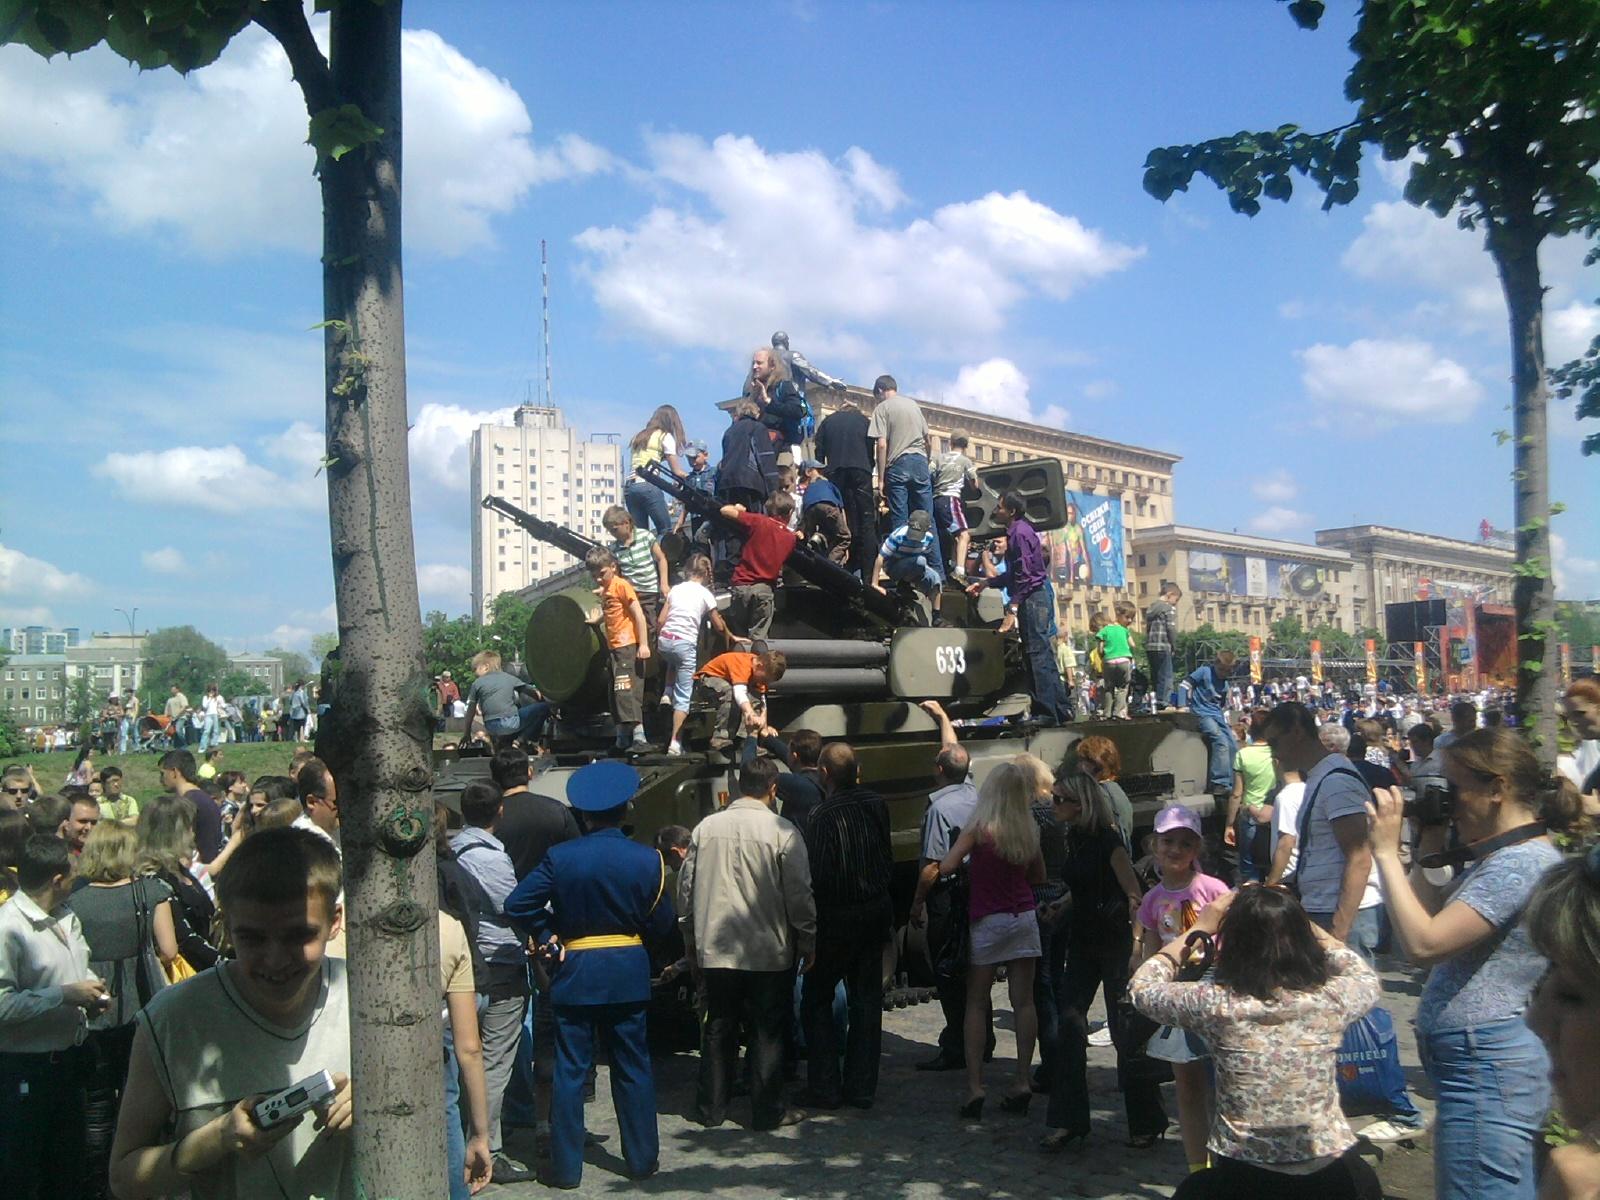 Харьков 2010 - День Победы - техника и дети